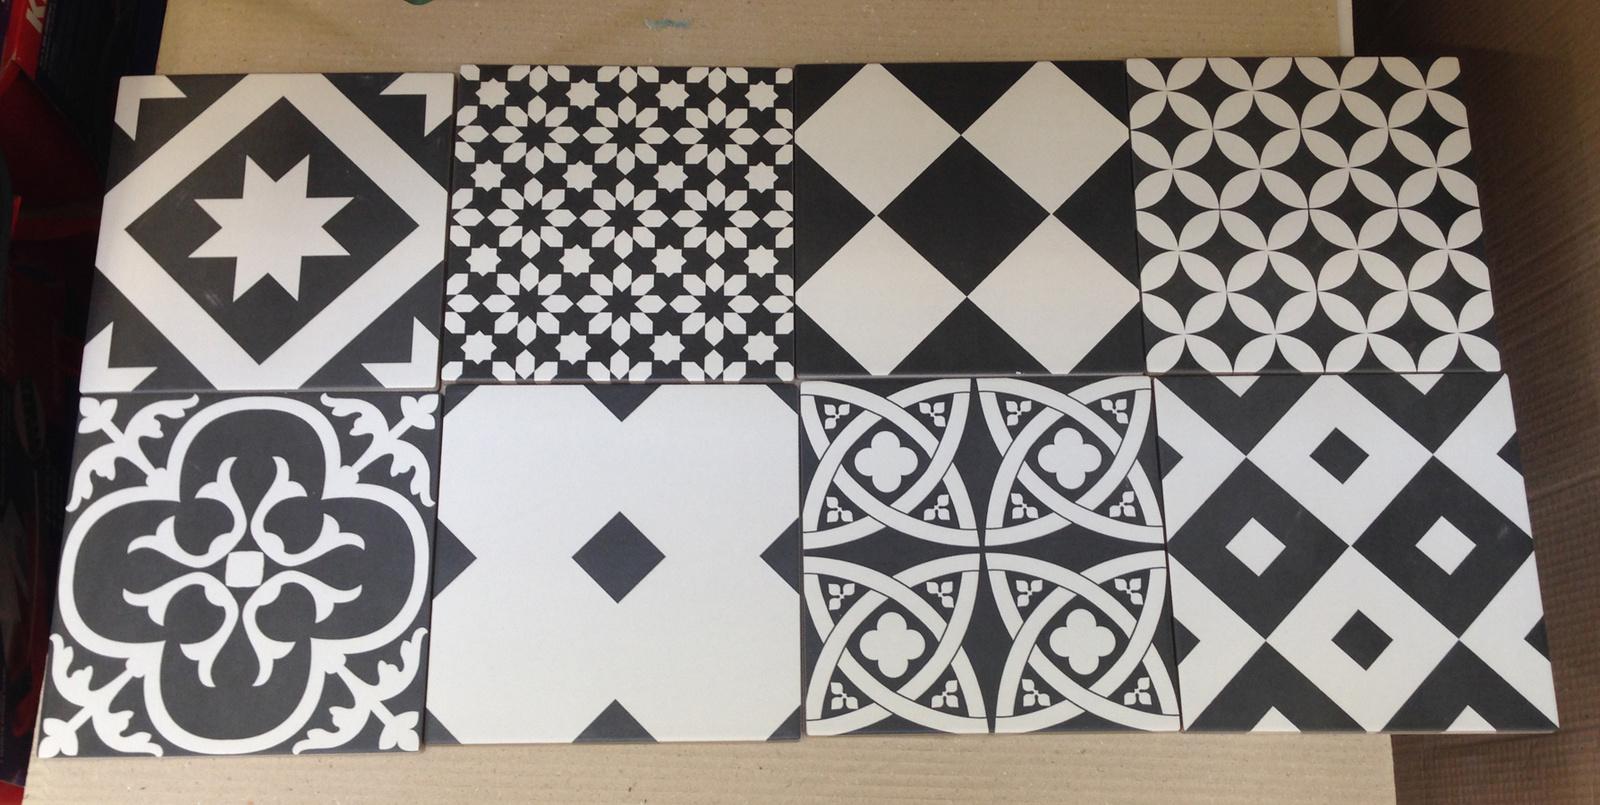 Carrelage Carreaux De Ciment Noir Et Blanc Atwebster Fr Maison